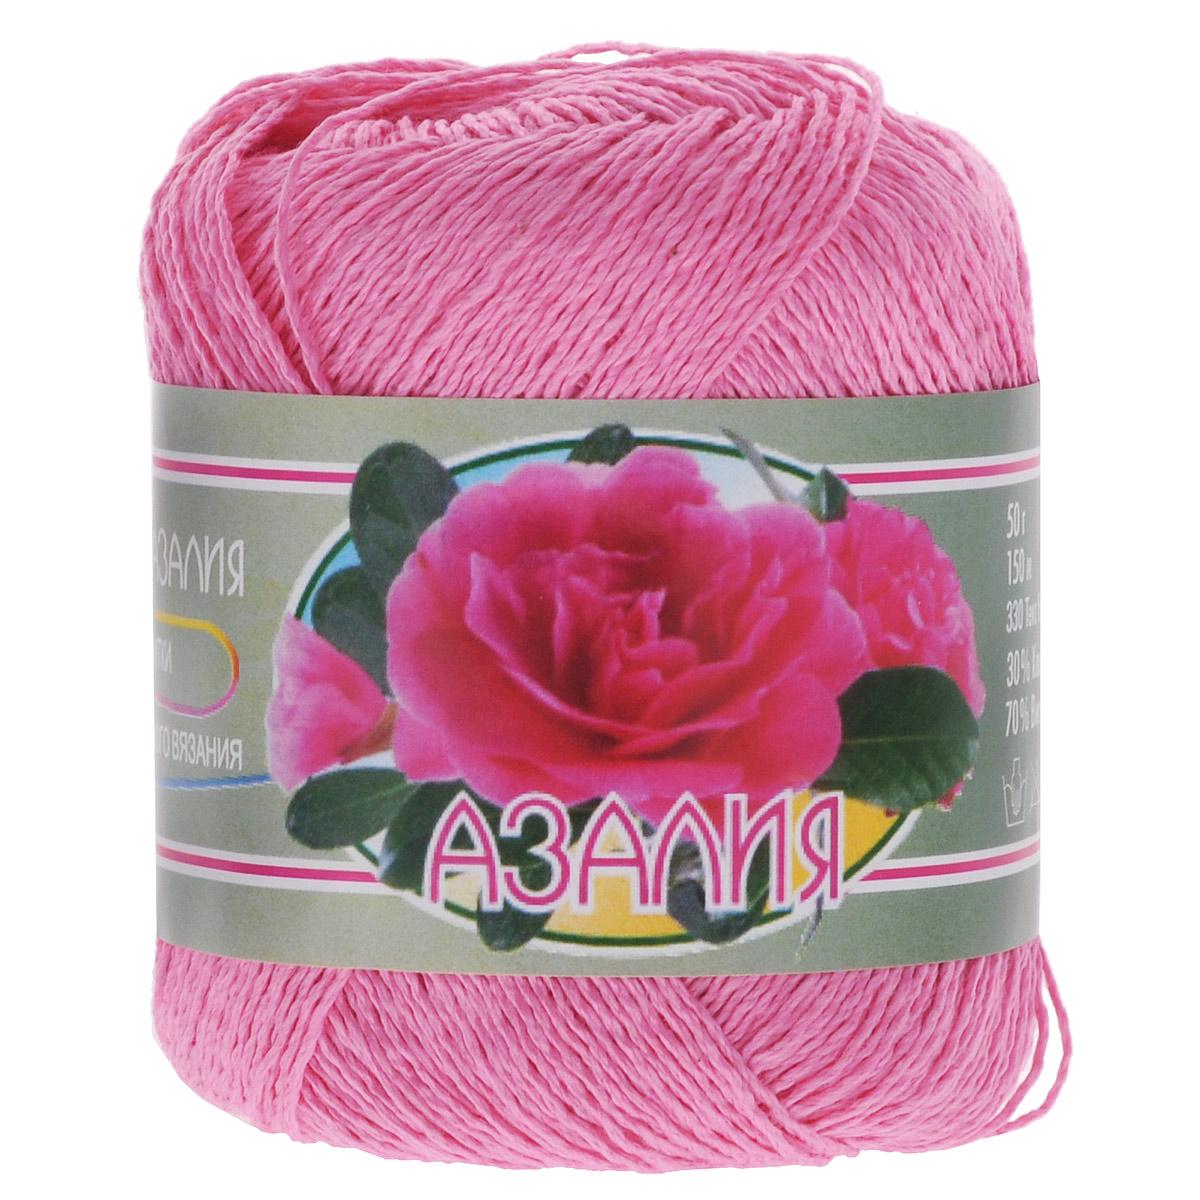 Нитки вязальные Азалия, комбинированные, цвет: ярко-розовый (0801), 150 м, 50 г, 4 шт0211902913778Нитки вязальные Азалия, изготовленные из 30% хлопка и 70% вискозы, предназначены для создания несложных рисунков. Сфера использования ниток широка: при вязании спицами и крючком. Из такой нити очень хорошо получаются верхний трикотаж, шали, палантины, шарфы и многое другое. Наличие вискозы придает ниткам сильный и яркий блеск, что делает готовые изделия сверкающими. Изделия после стирки не садятся и не тянутся, отлично держат форму. Азалия - это очень качественная ниточка, вязка получается плотная и гладкая. Состав: 30% хлопок, 70% вискоза. Количество сложений: 8. Линейная плотность: 330 текс. Вес: 50 г. Длина нити: 150 м.